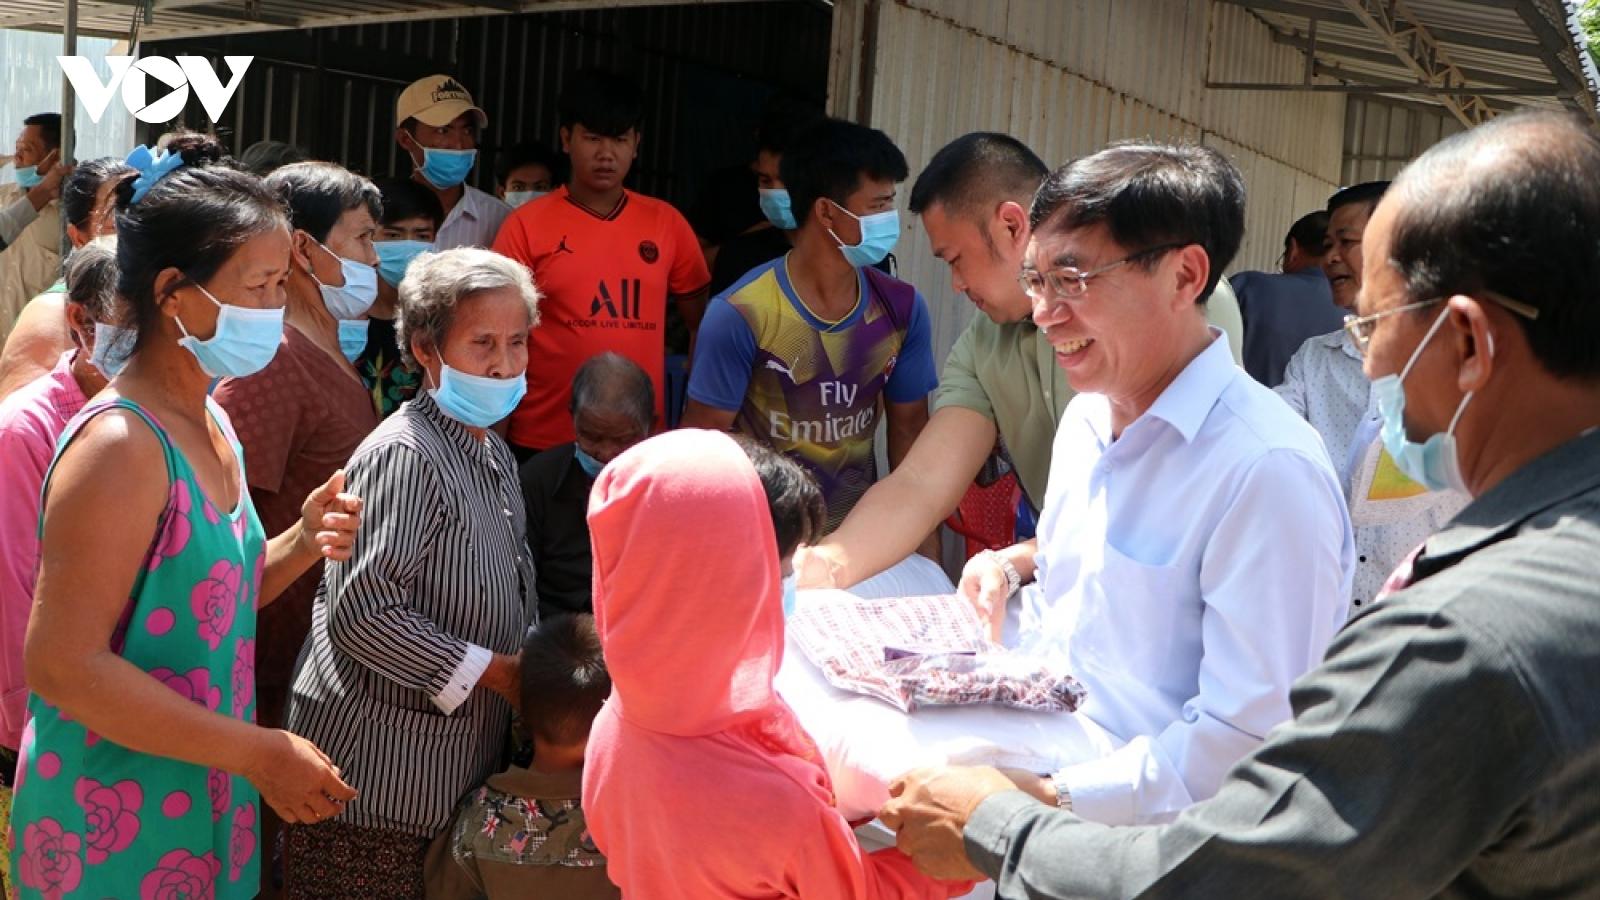 Cứu trợ bà con Việt kiều và người Campuchia có hoàn cảnh đặc biệt khó khăn